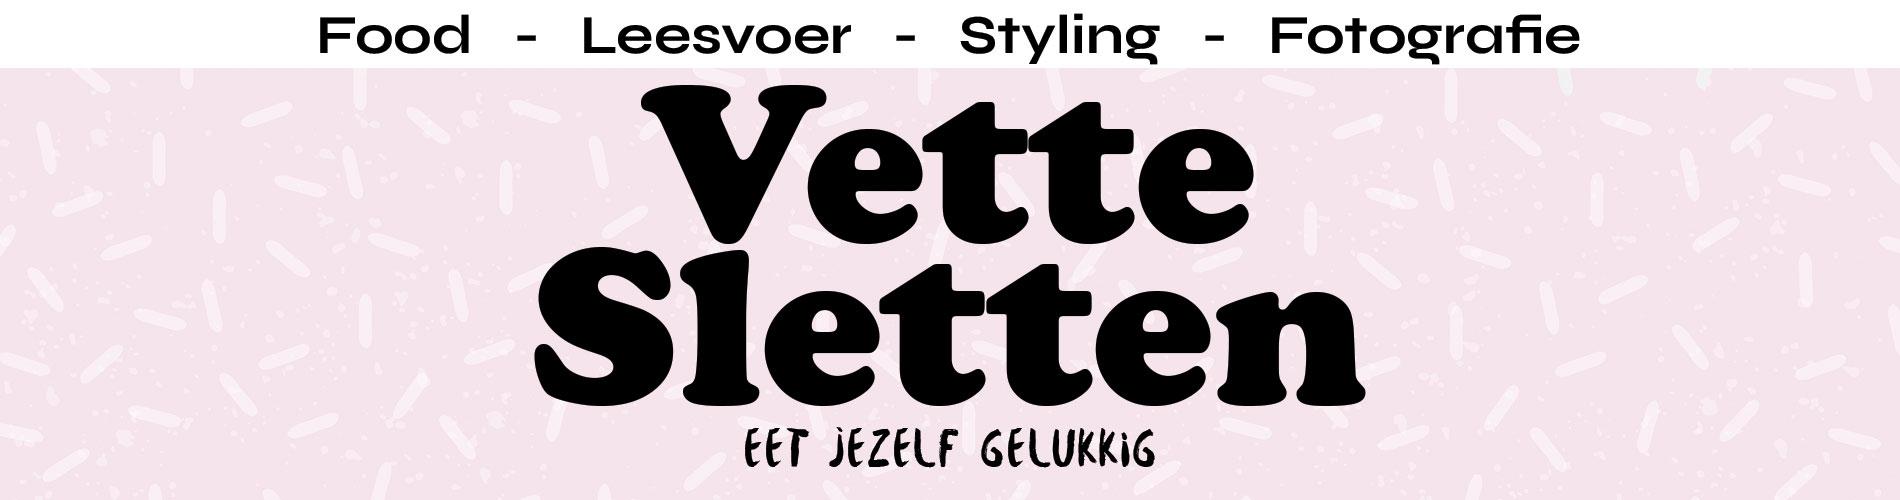 Vette Sletten – Foodblog